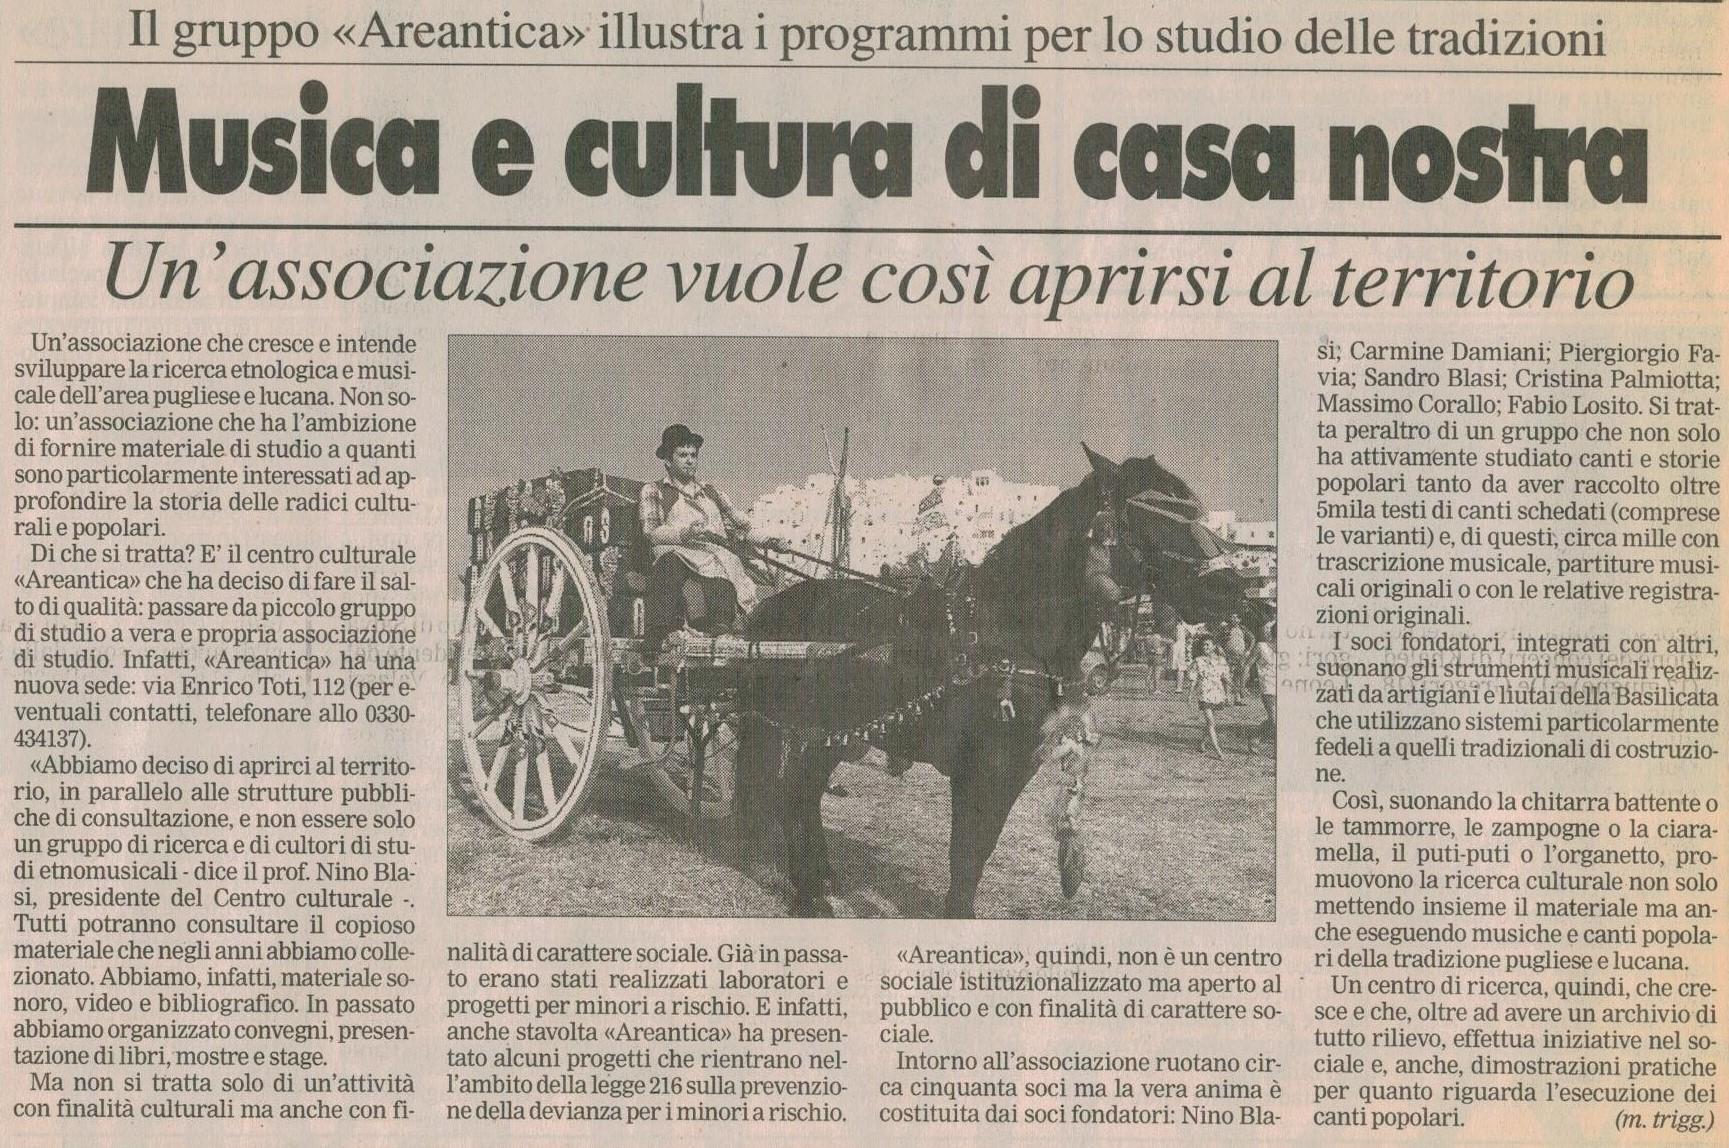 La Gazzetta del Mezzogiorno 27-05-1997